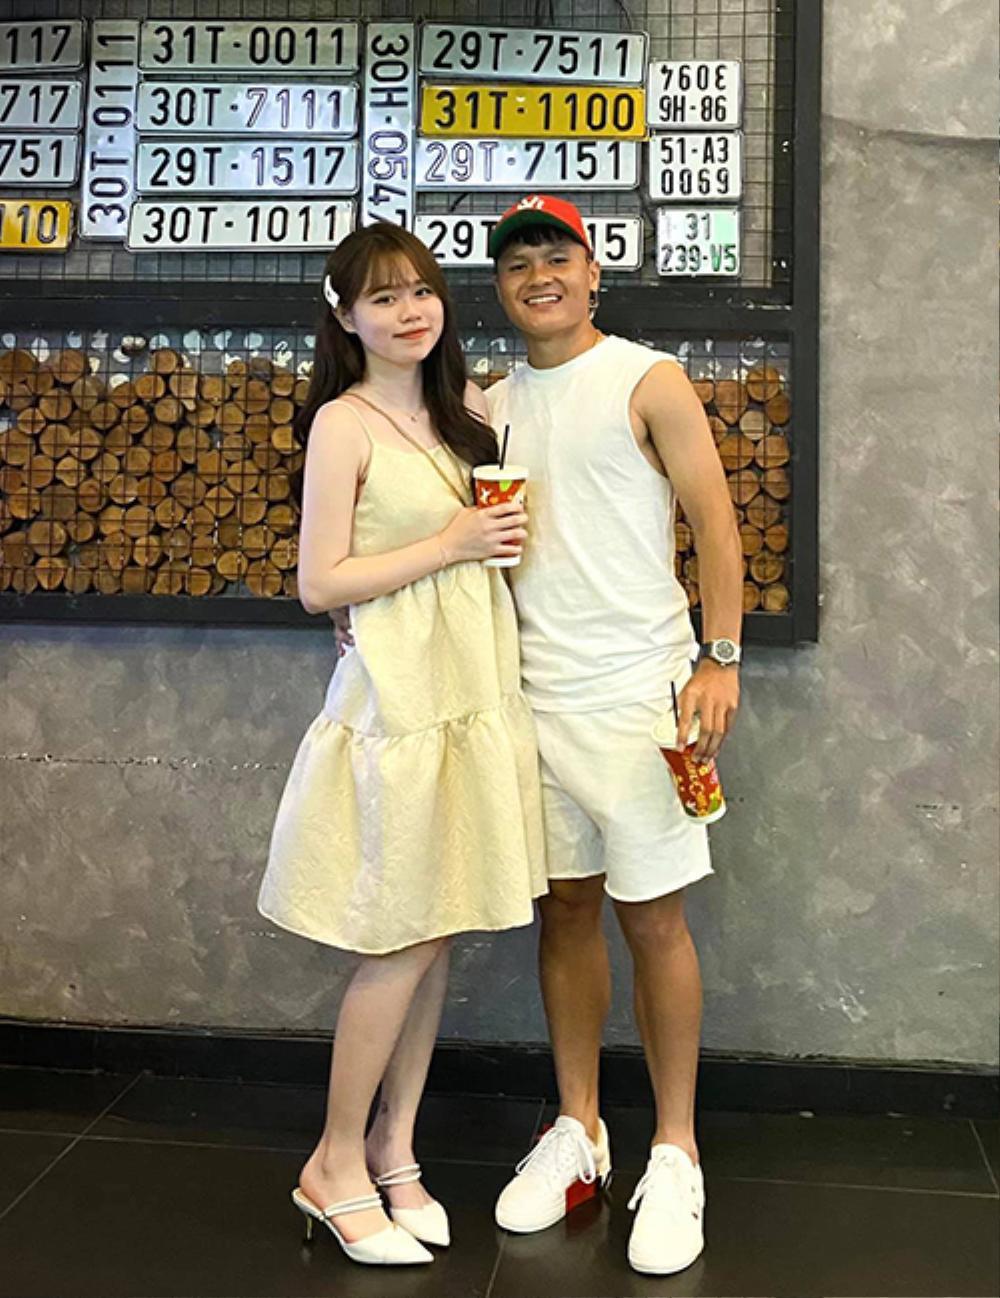 Huỳnh Anh- bạn gái cũ Quang Hải cấp tốc giảm cân bằng thực đơn không ai ngờ Ảnh 1